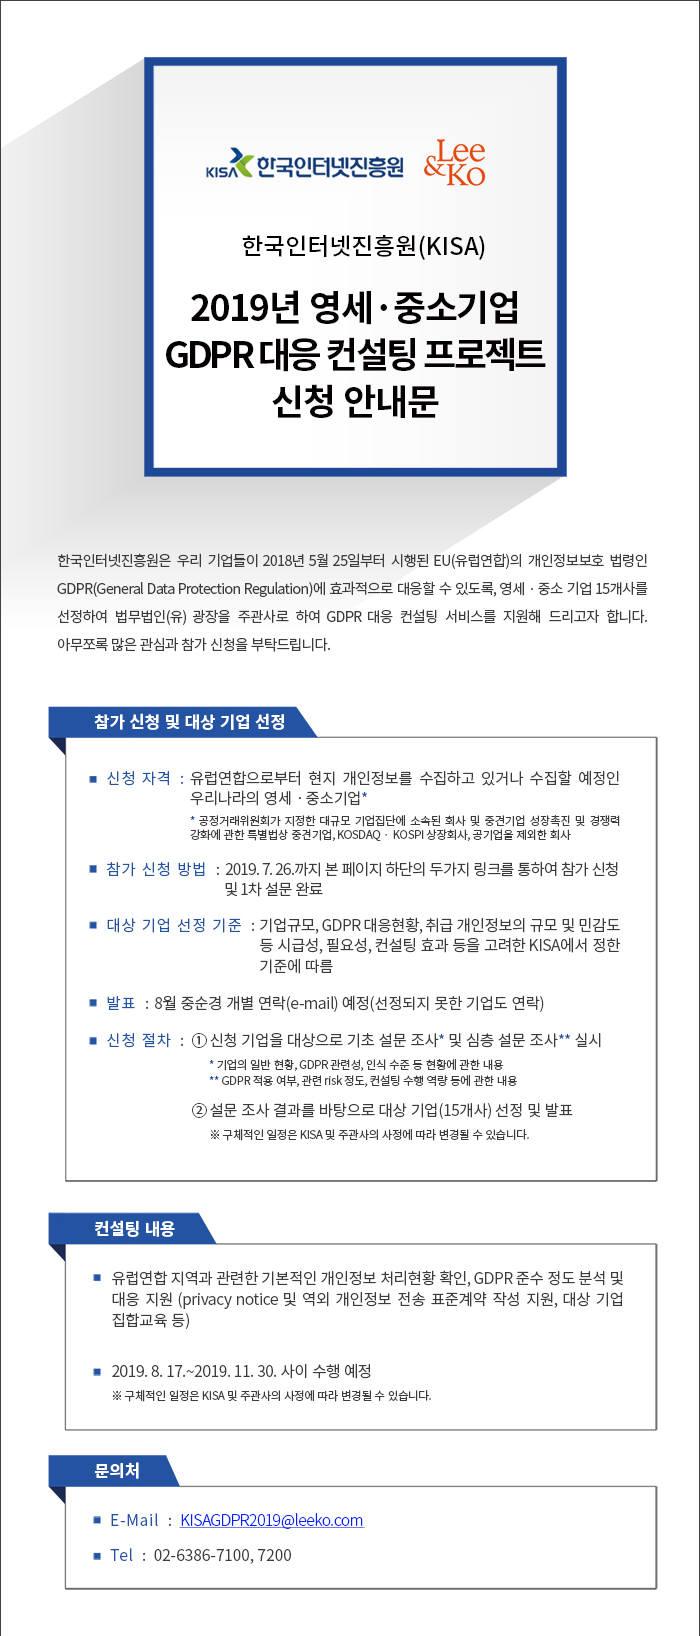 KISA, 영세·중소기업 GDPR 대응 컨설팅 지원